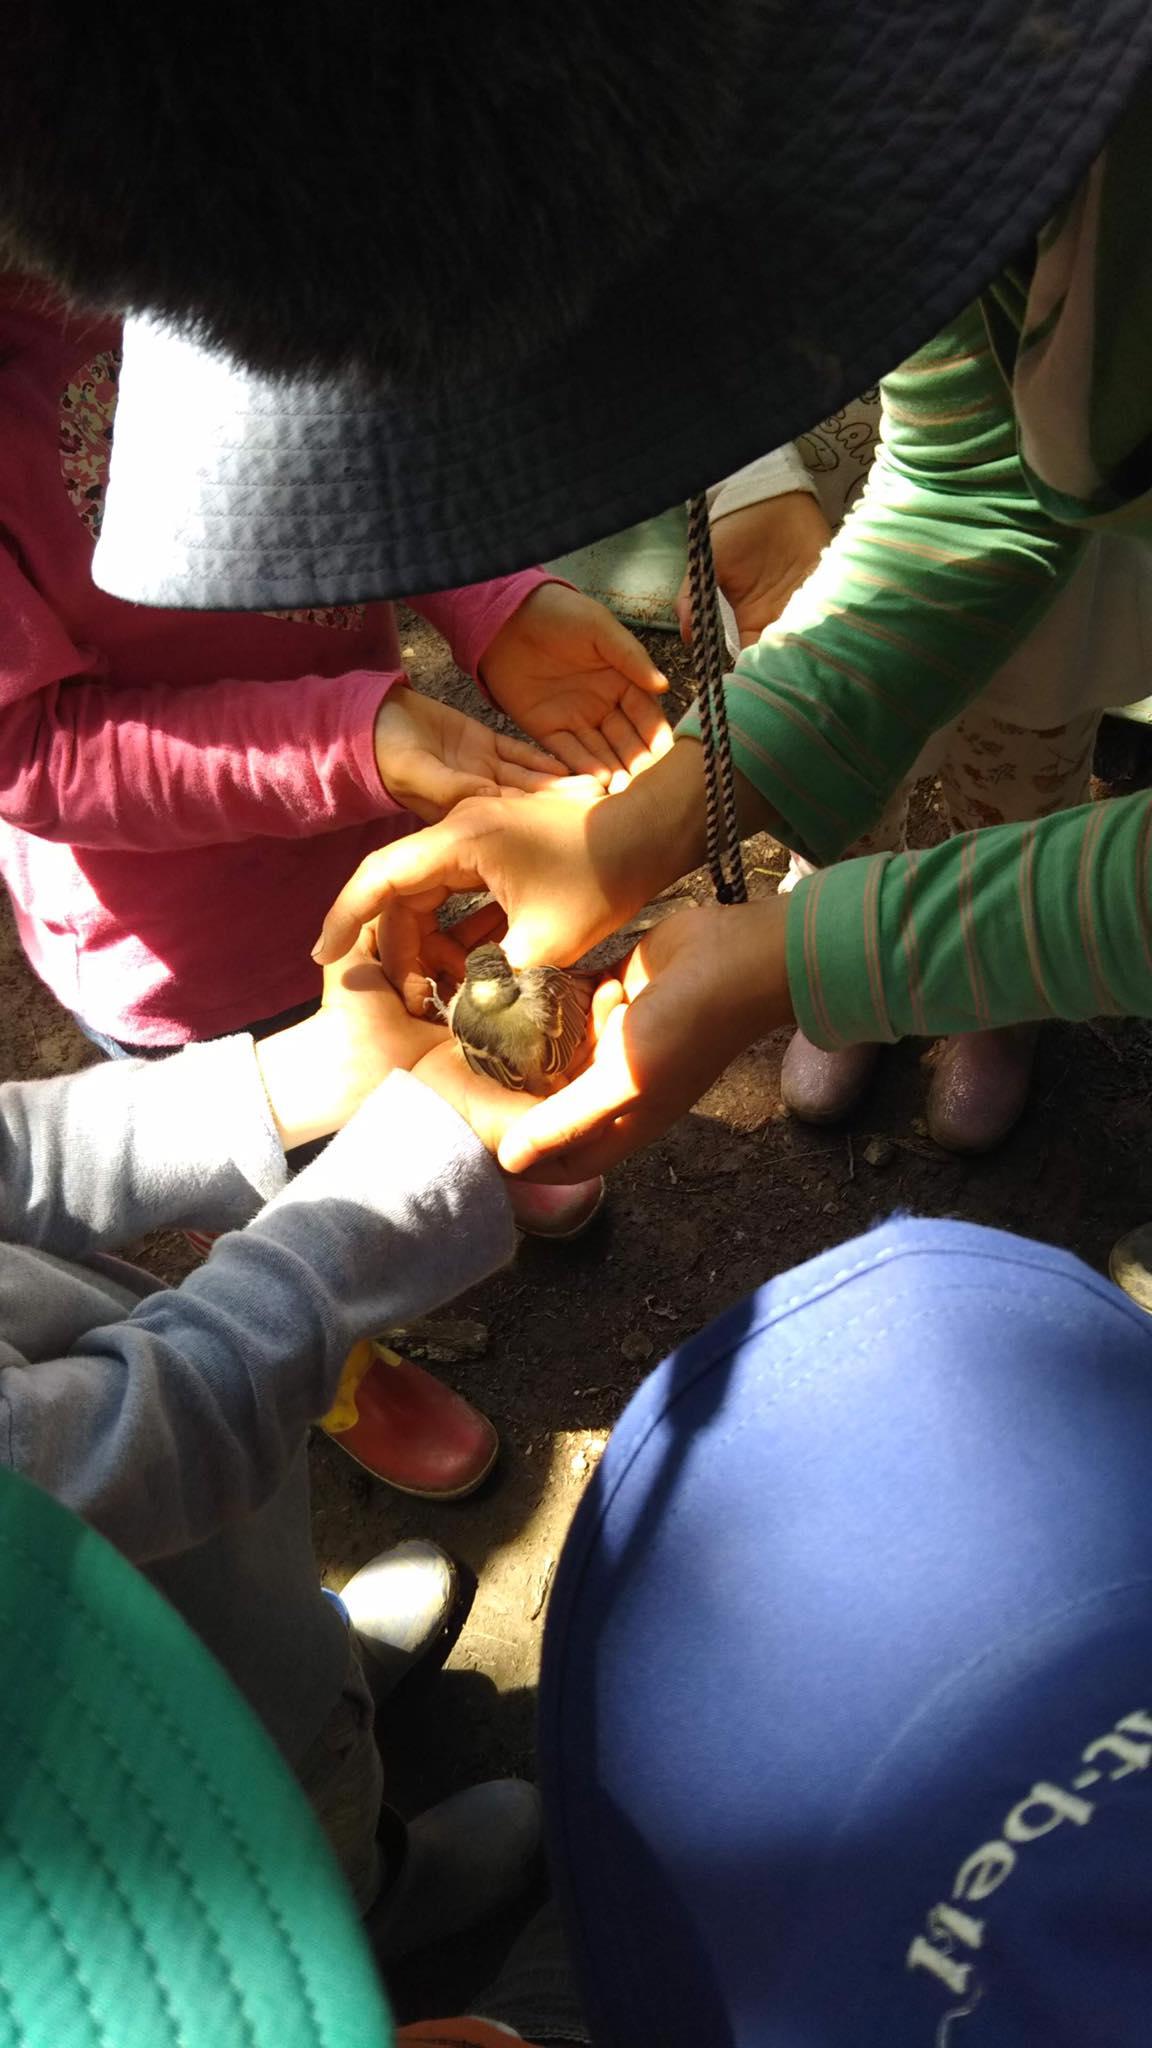 「森で保育しよう!」新潟県上越市 森のようちえん てくてく求人